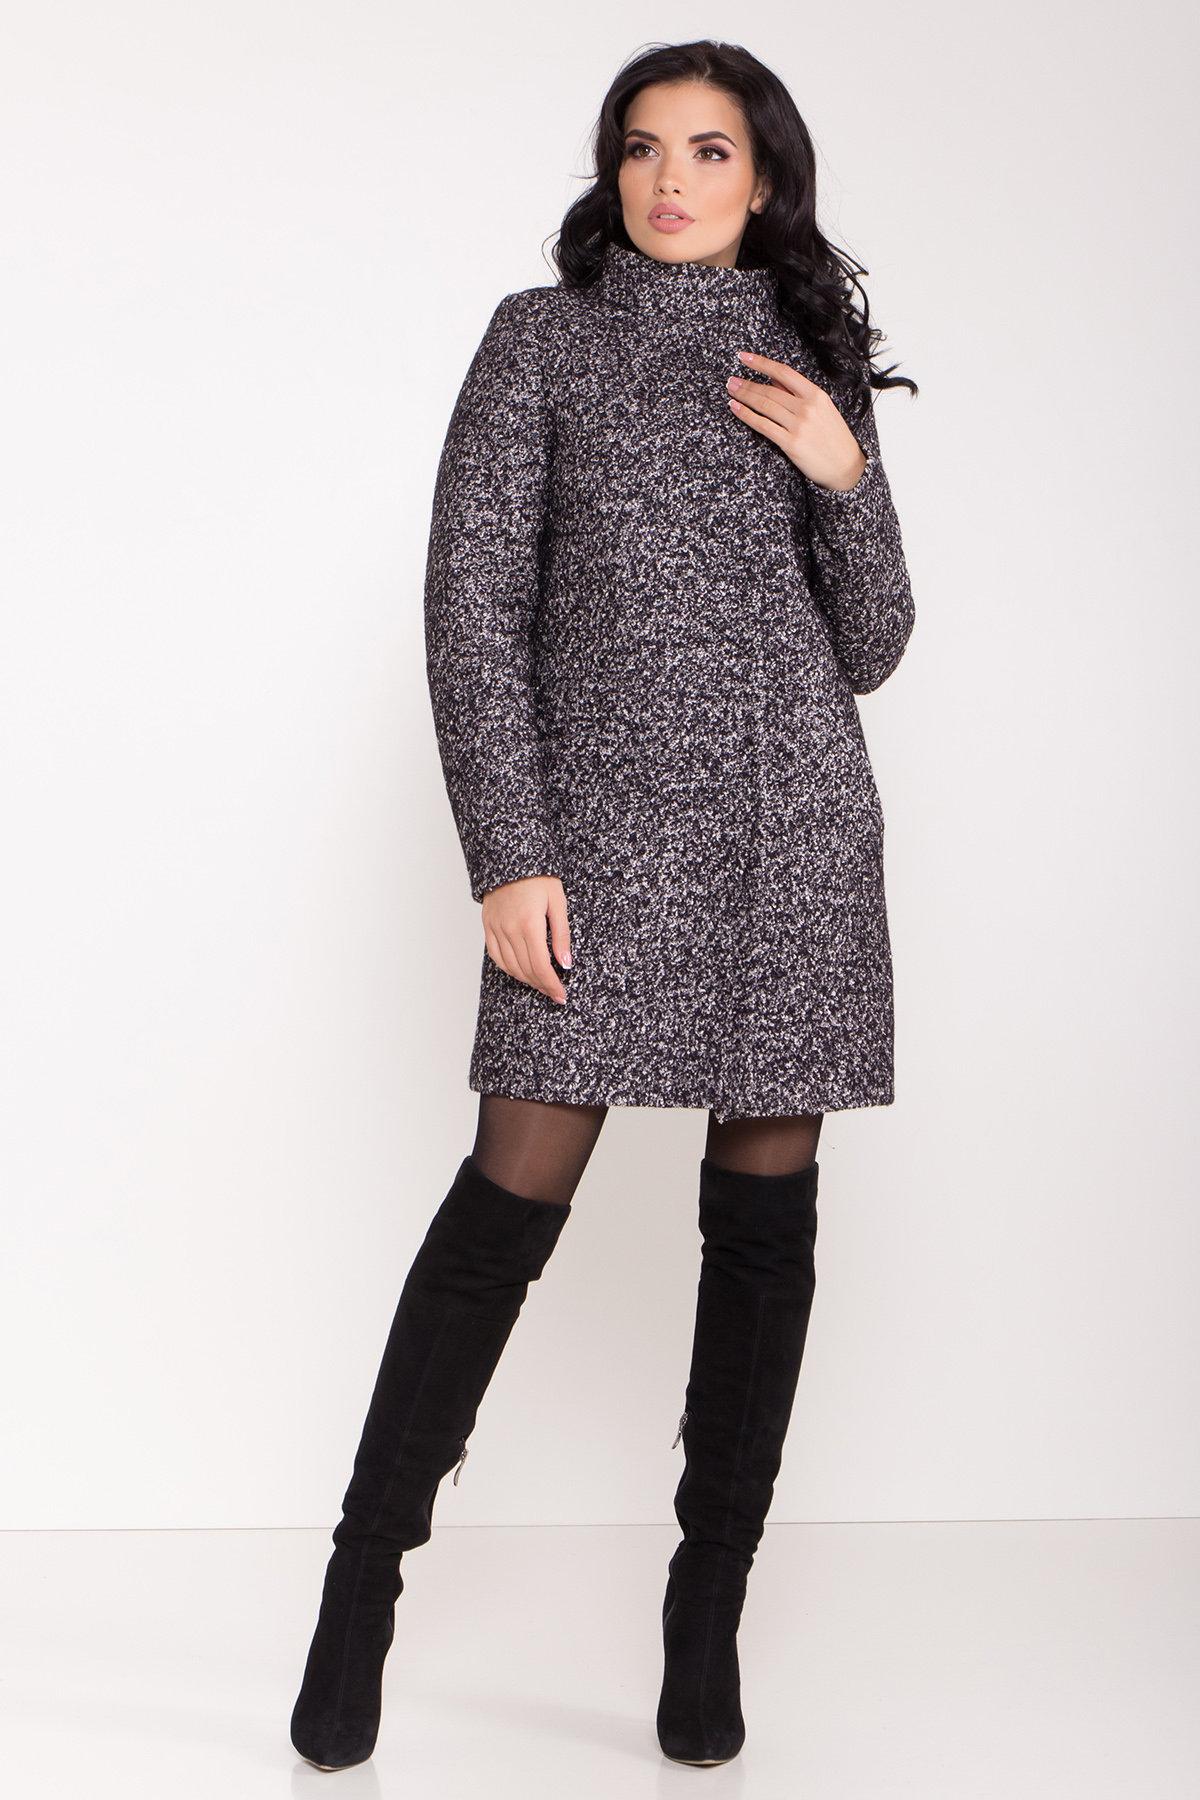 Пальто зима шерсть букле Фортуна 8508 АРТ. 44807 Цвет: Черный/серый - фото 3, интернет магазин tm-modus.ru